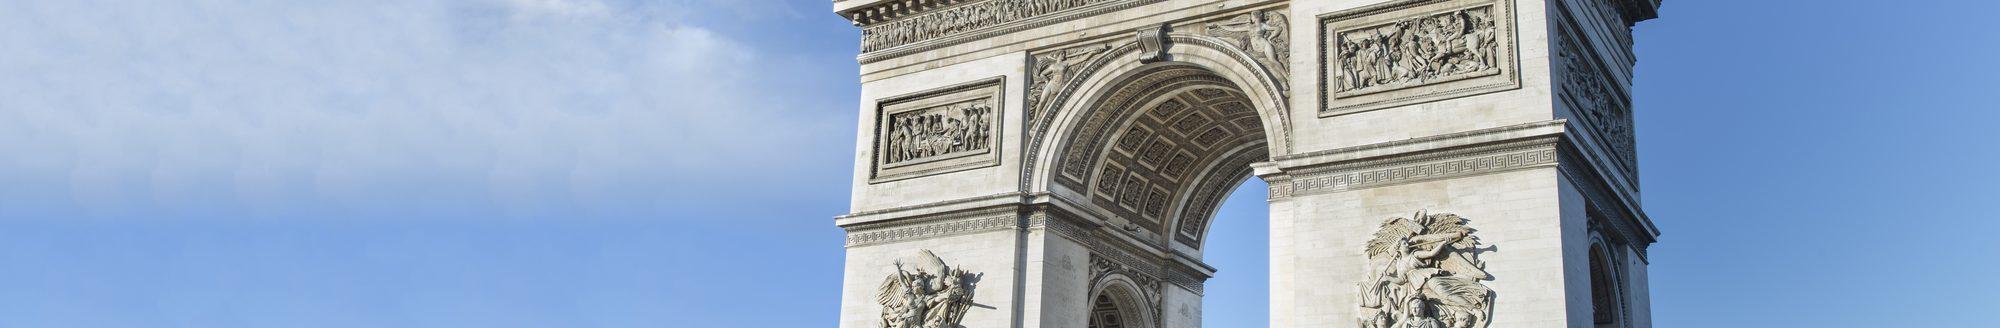 Photos Arc de Triomphe